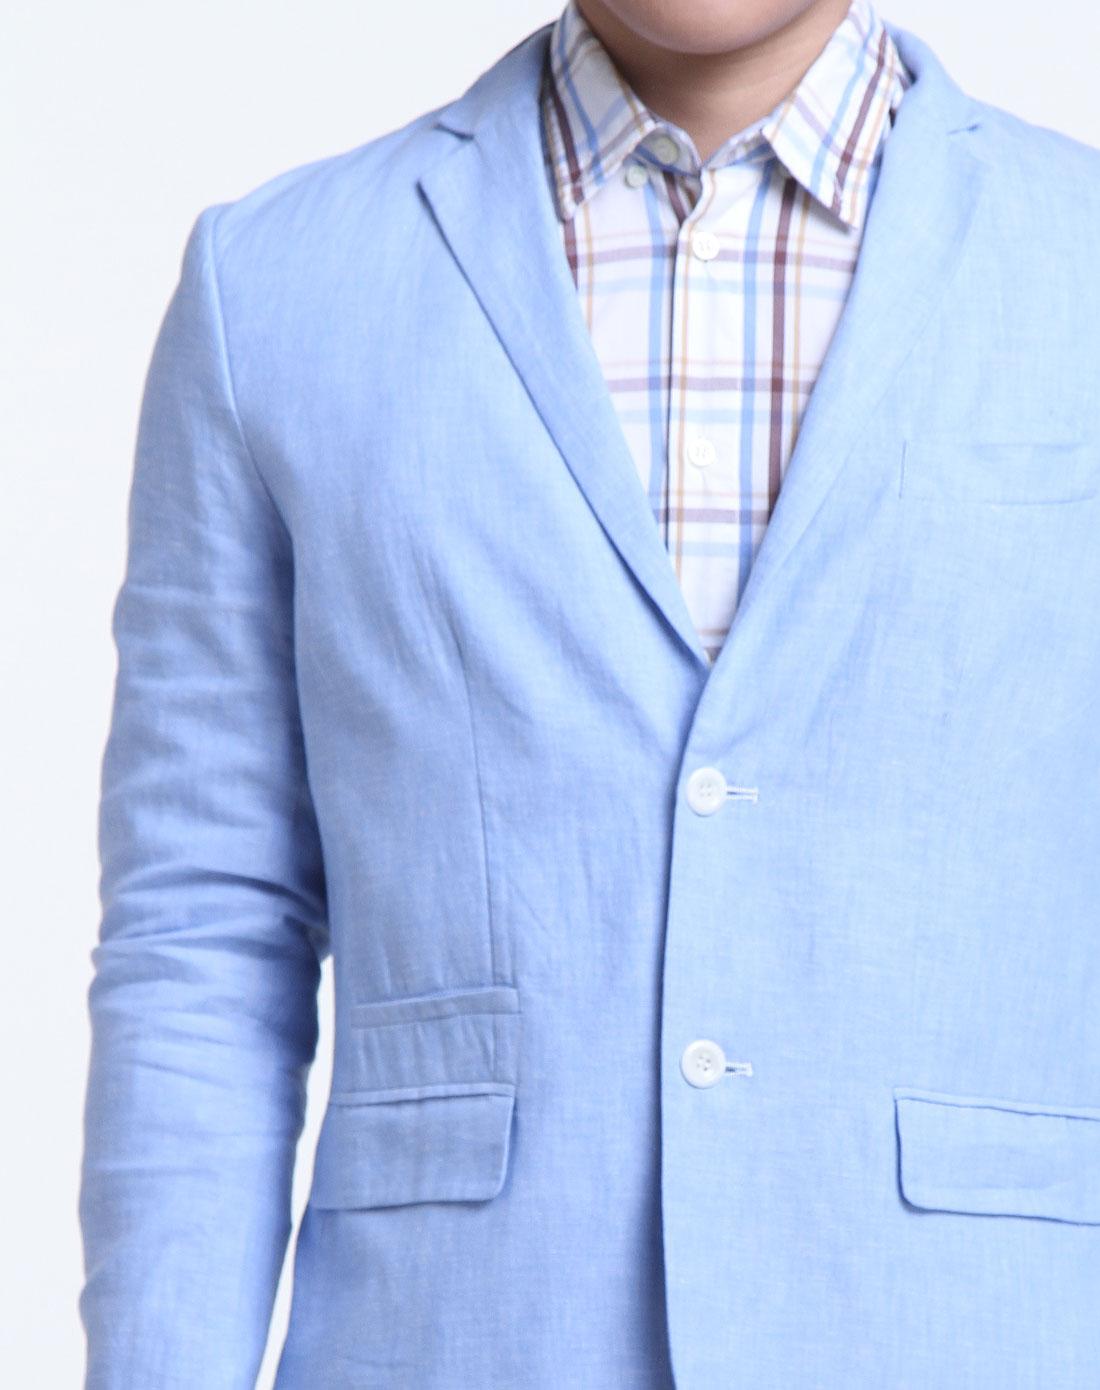 rooster男女混合装专场男款天蓝色休闲长袖西装a